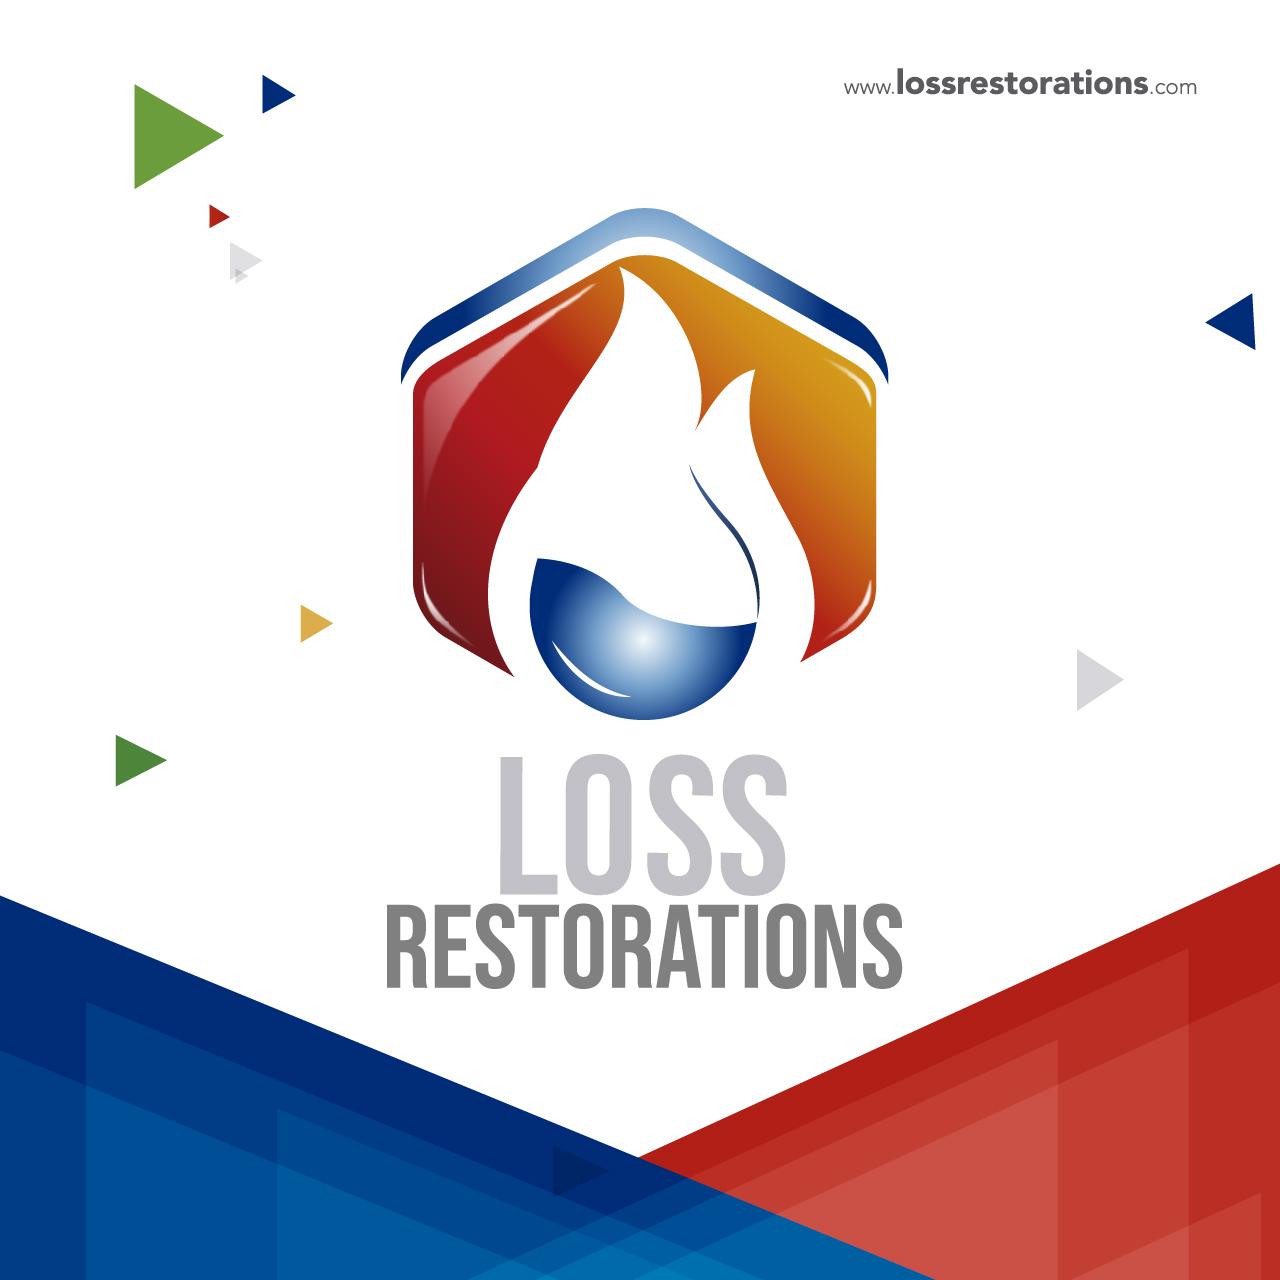 Evita dolores de cabeza y busca a Loss Restorations